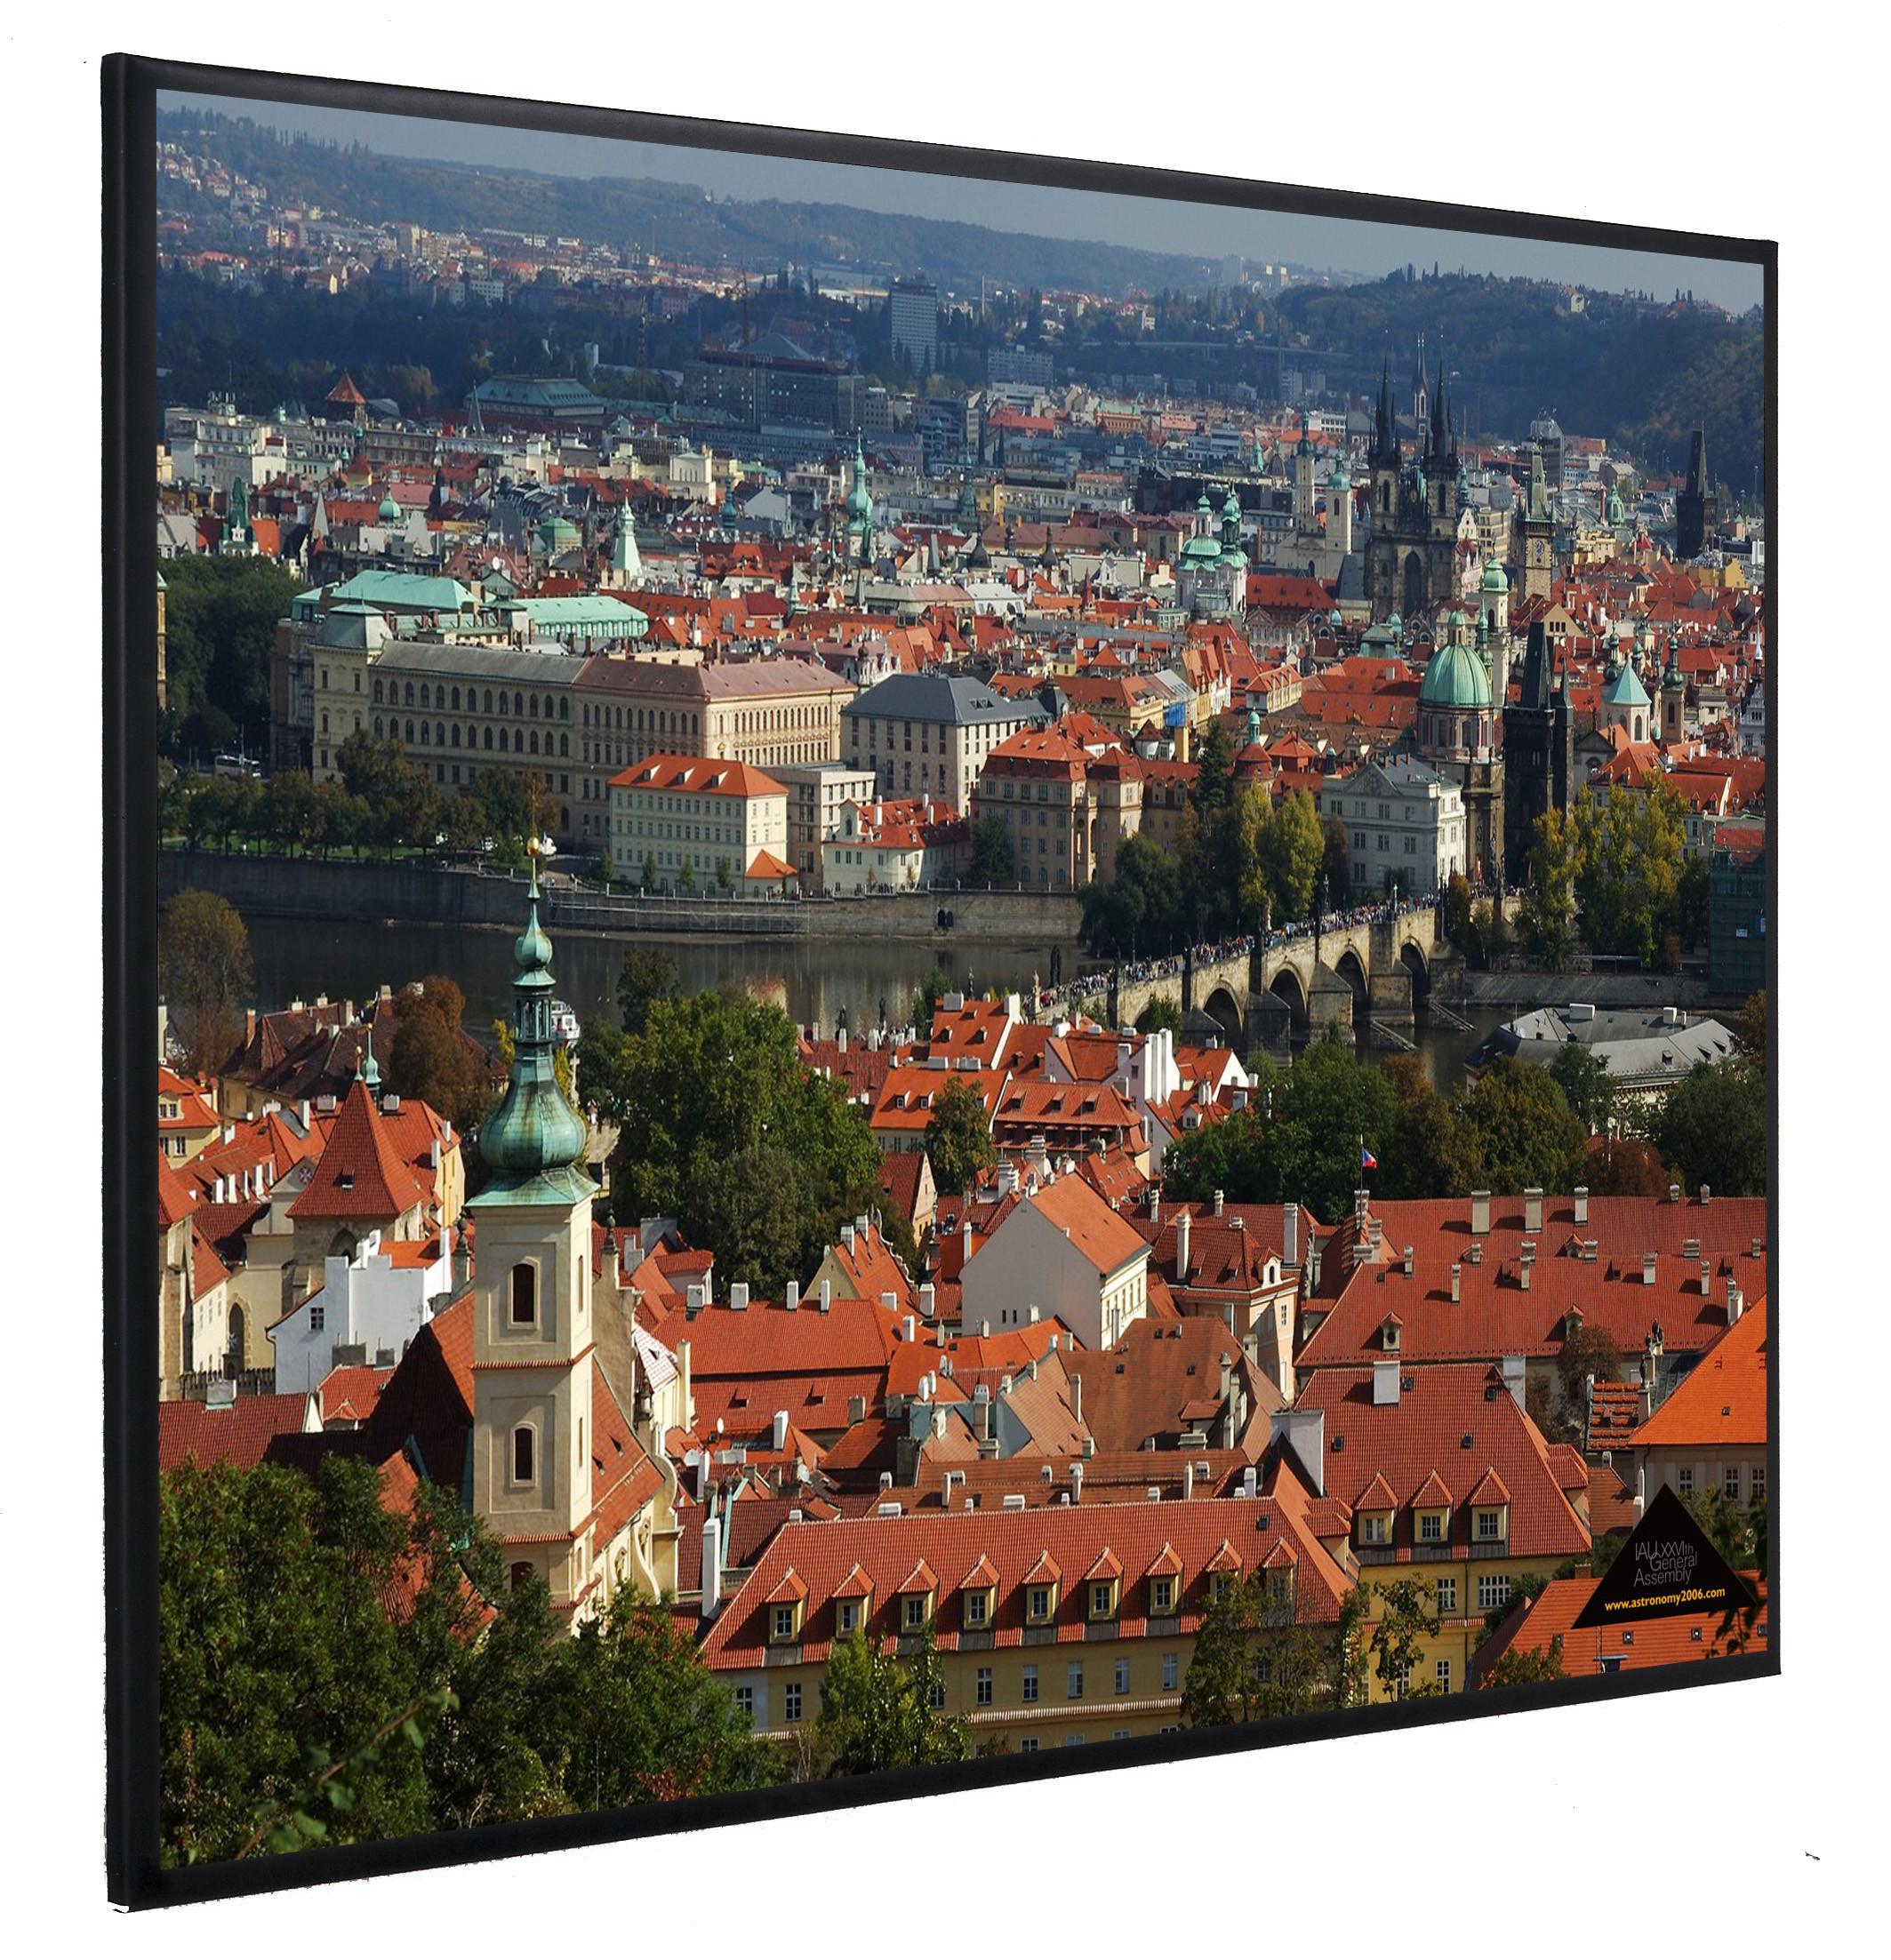 Vision Light 170 x 127,5 cm video format og Veltex ramme